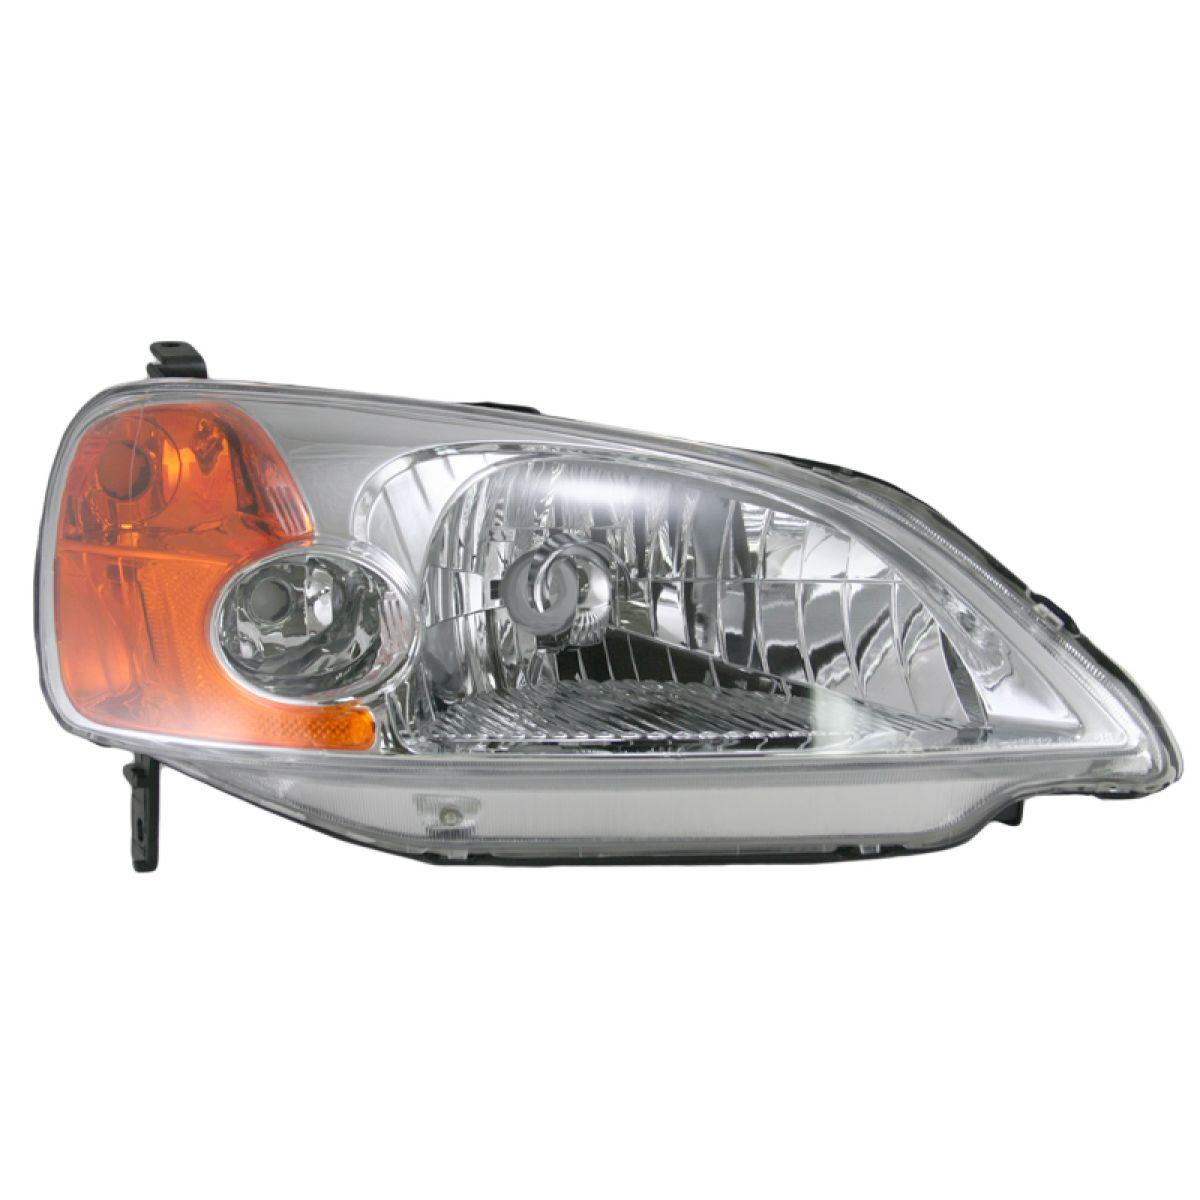 Headlight headlamp passenger side right rh for 01 03 honda for 01 honda civic 4 door